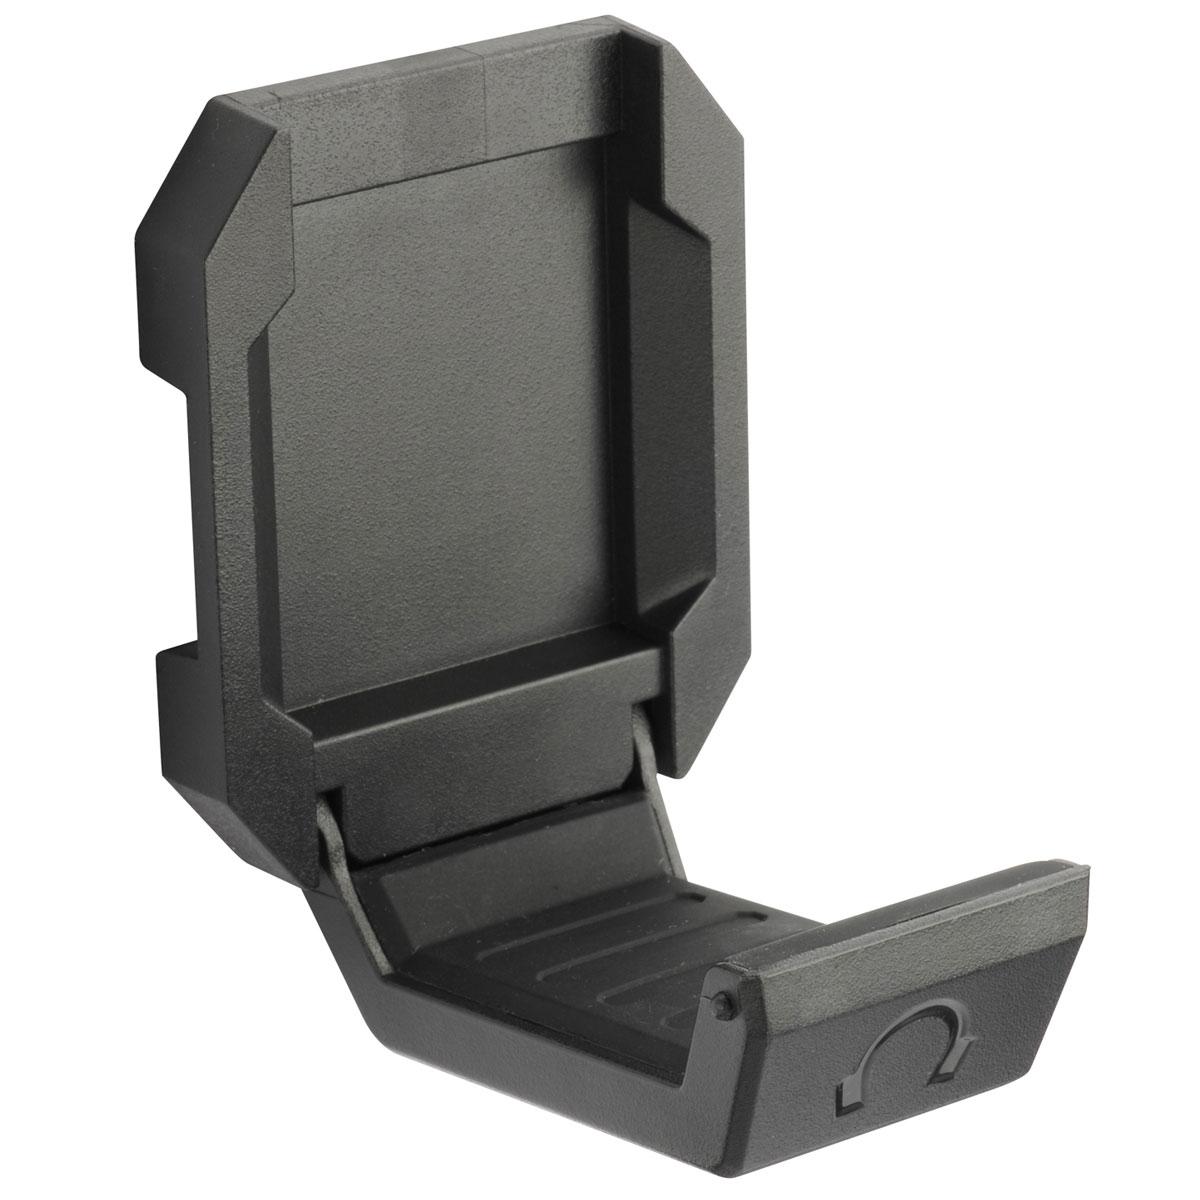 Enermax ehb001 casque enermax sur for Le meuble headsets